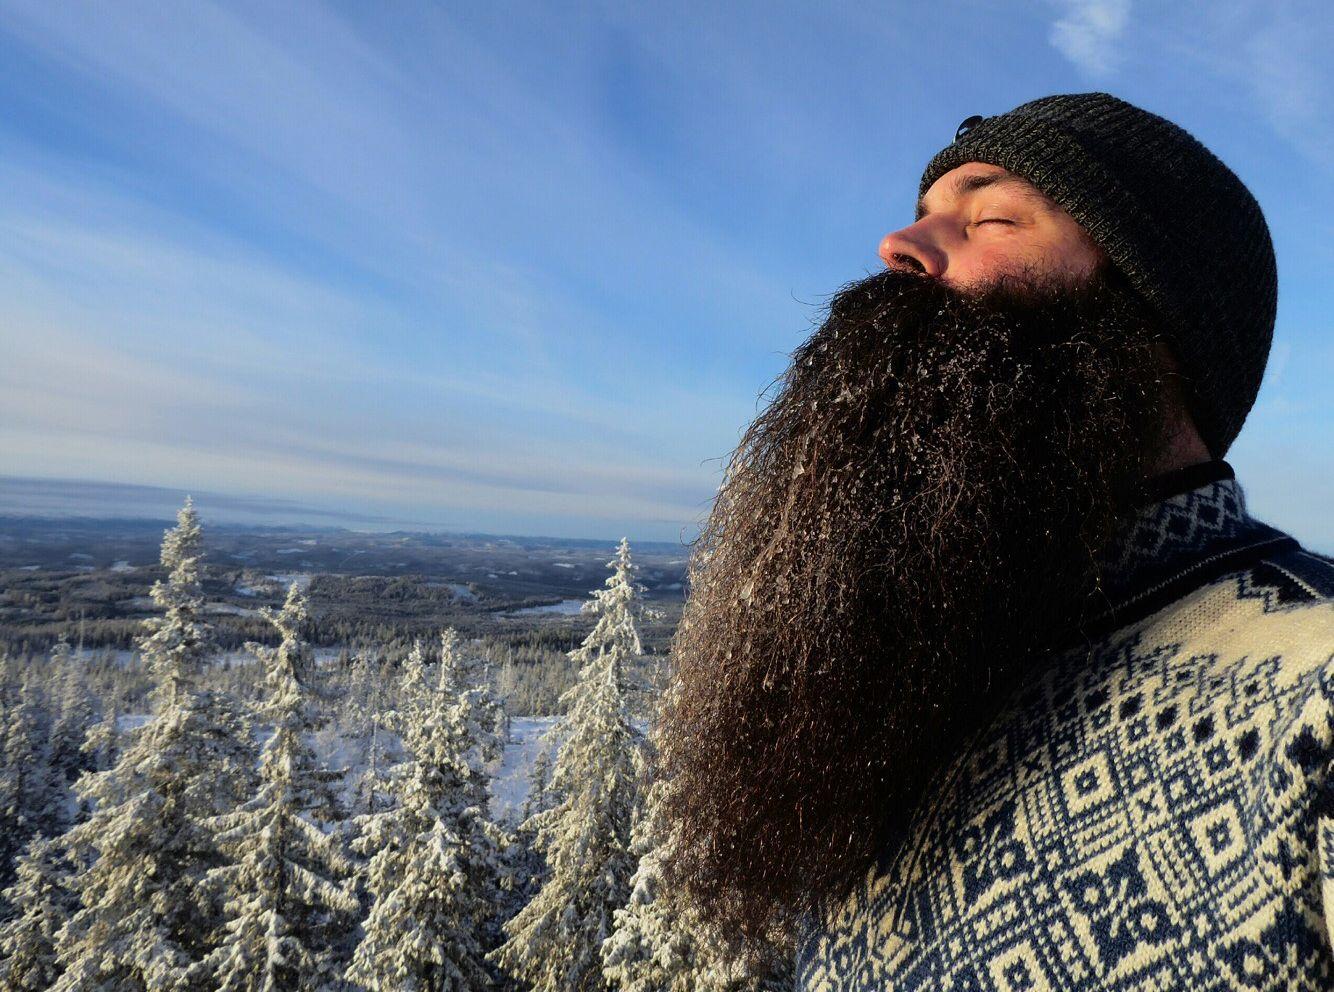 LANGT: Nils Fugelsnes begynte å spare skjegget sitt for fire år siden. Nå gror det fritt.